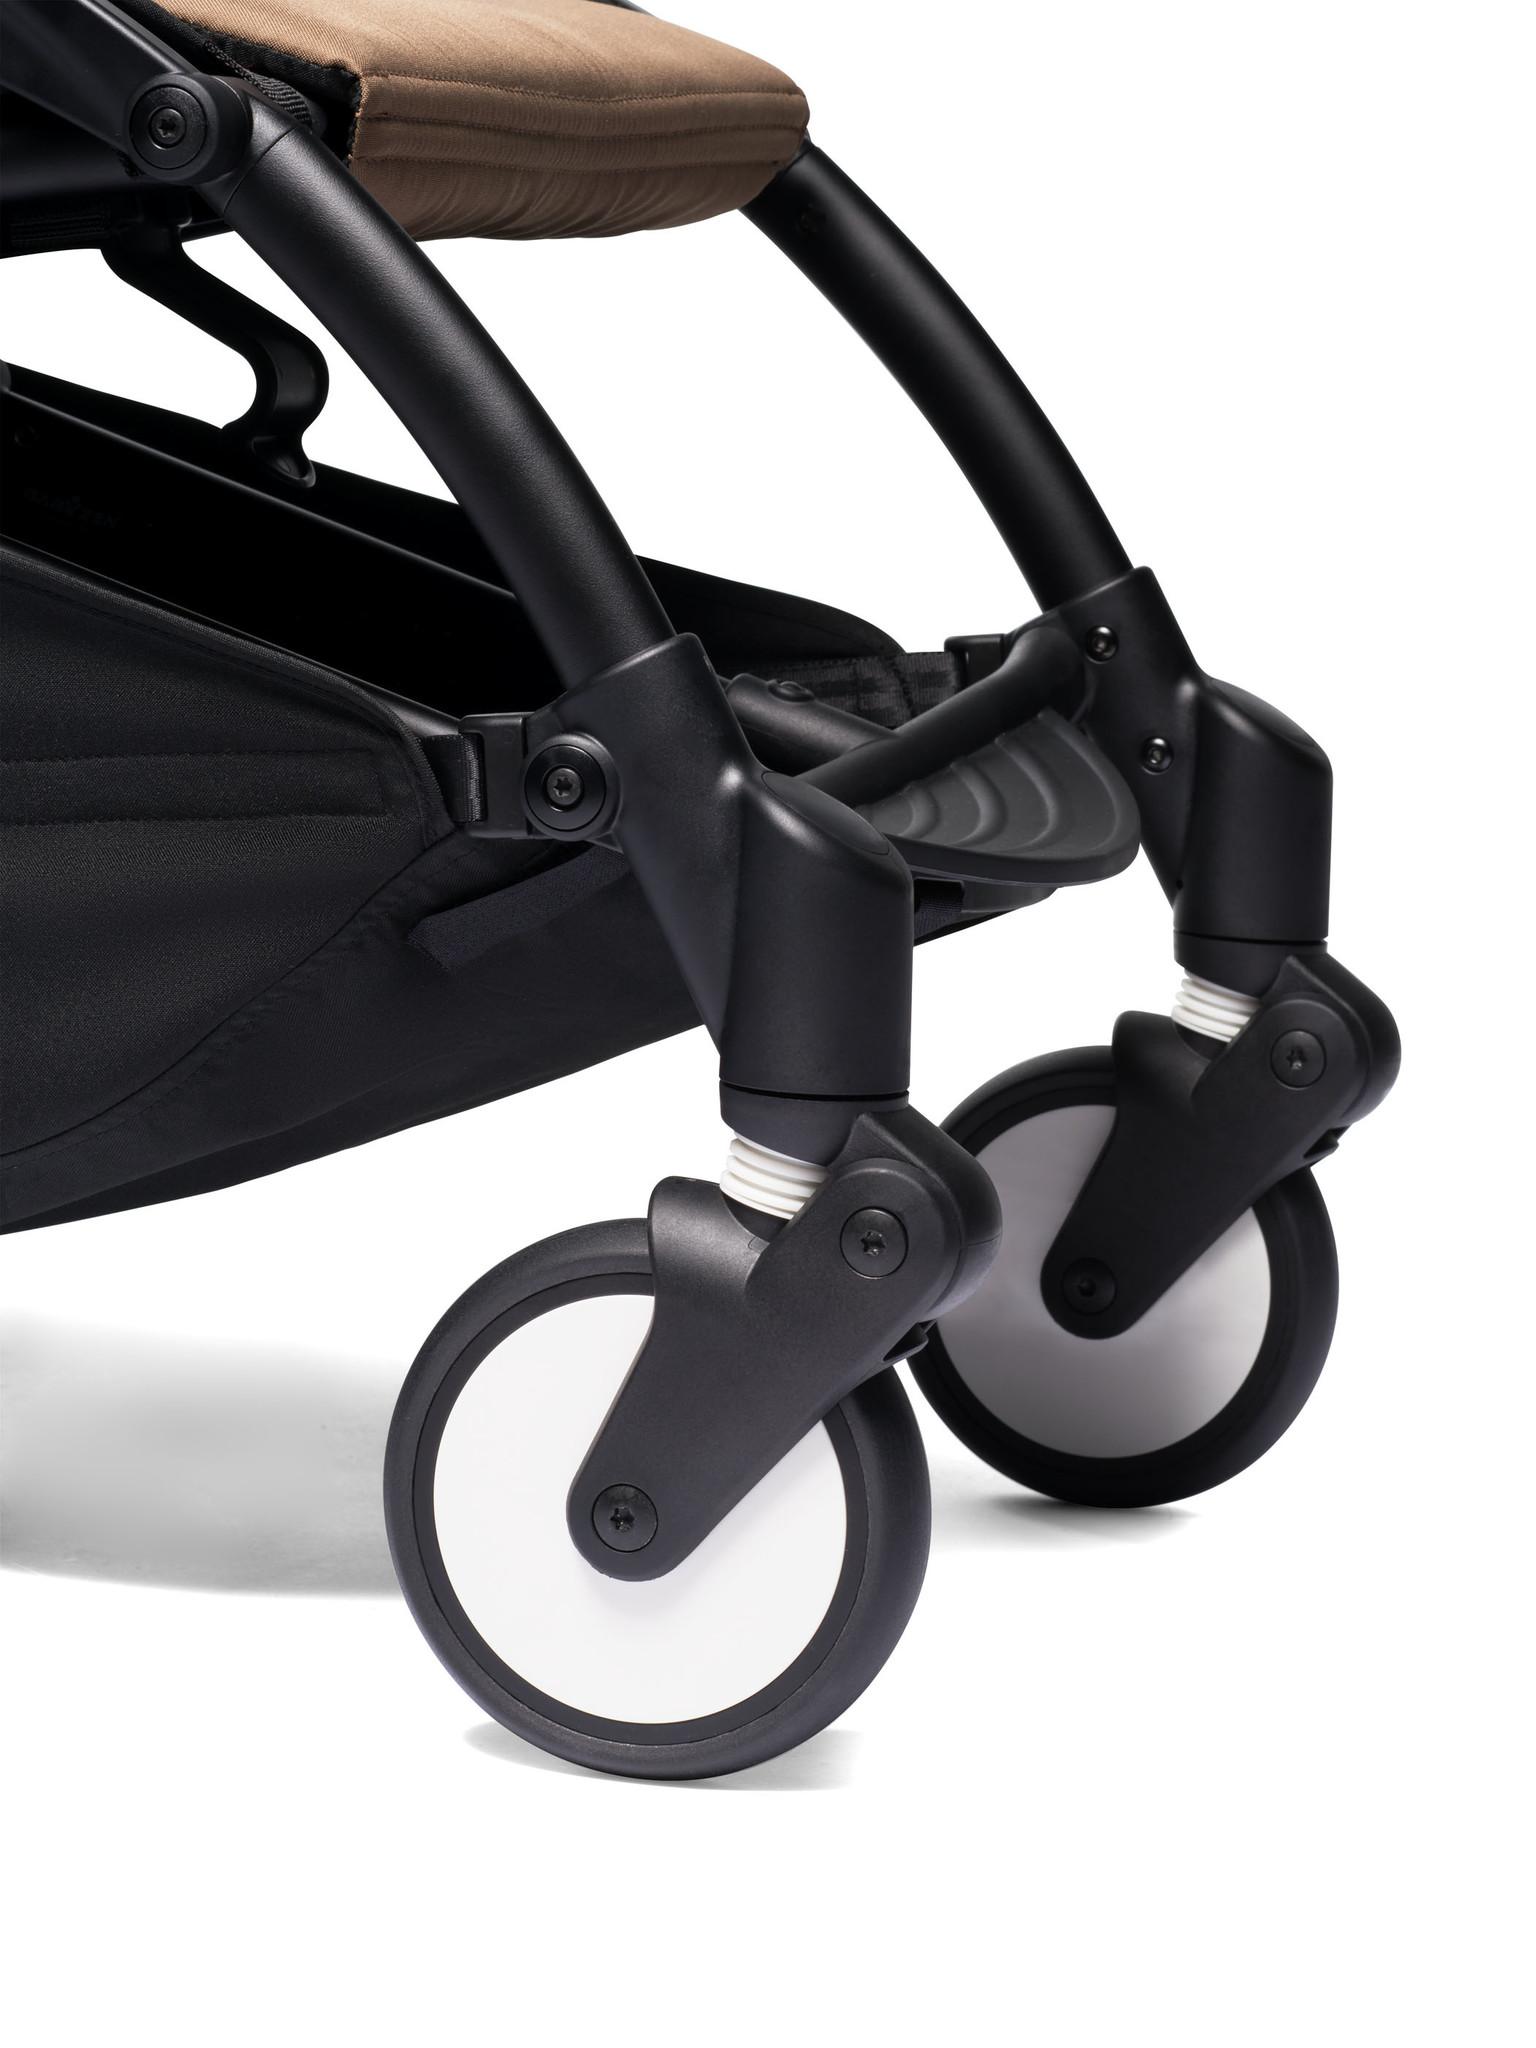 Babyzen Babyzen YOYO² Buggy ab 6 Monaten inklusive Beinstütze - Toffee mit weißem Rahmen